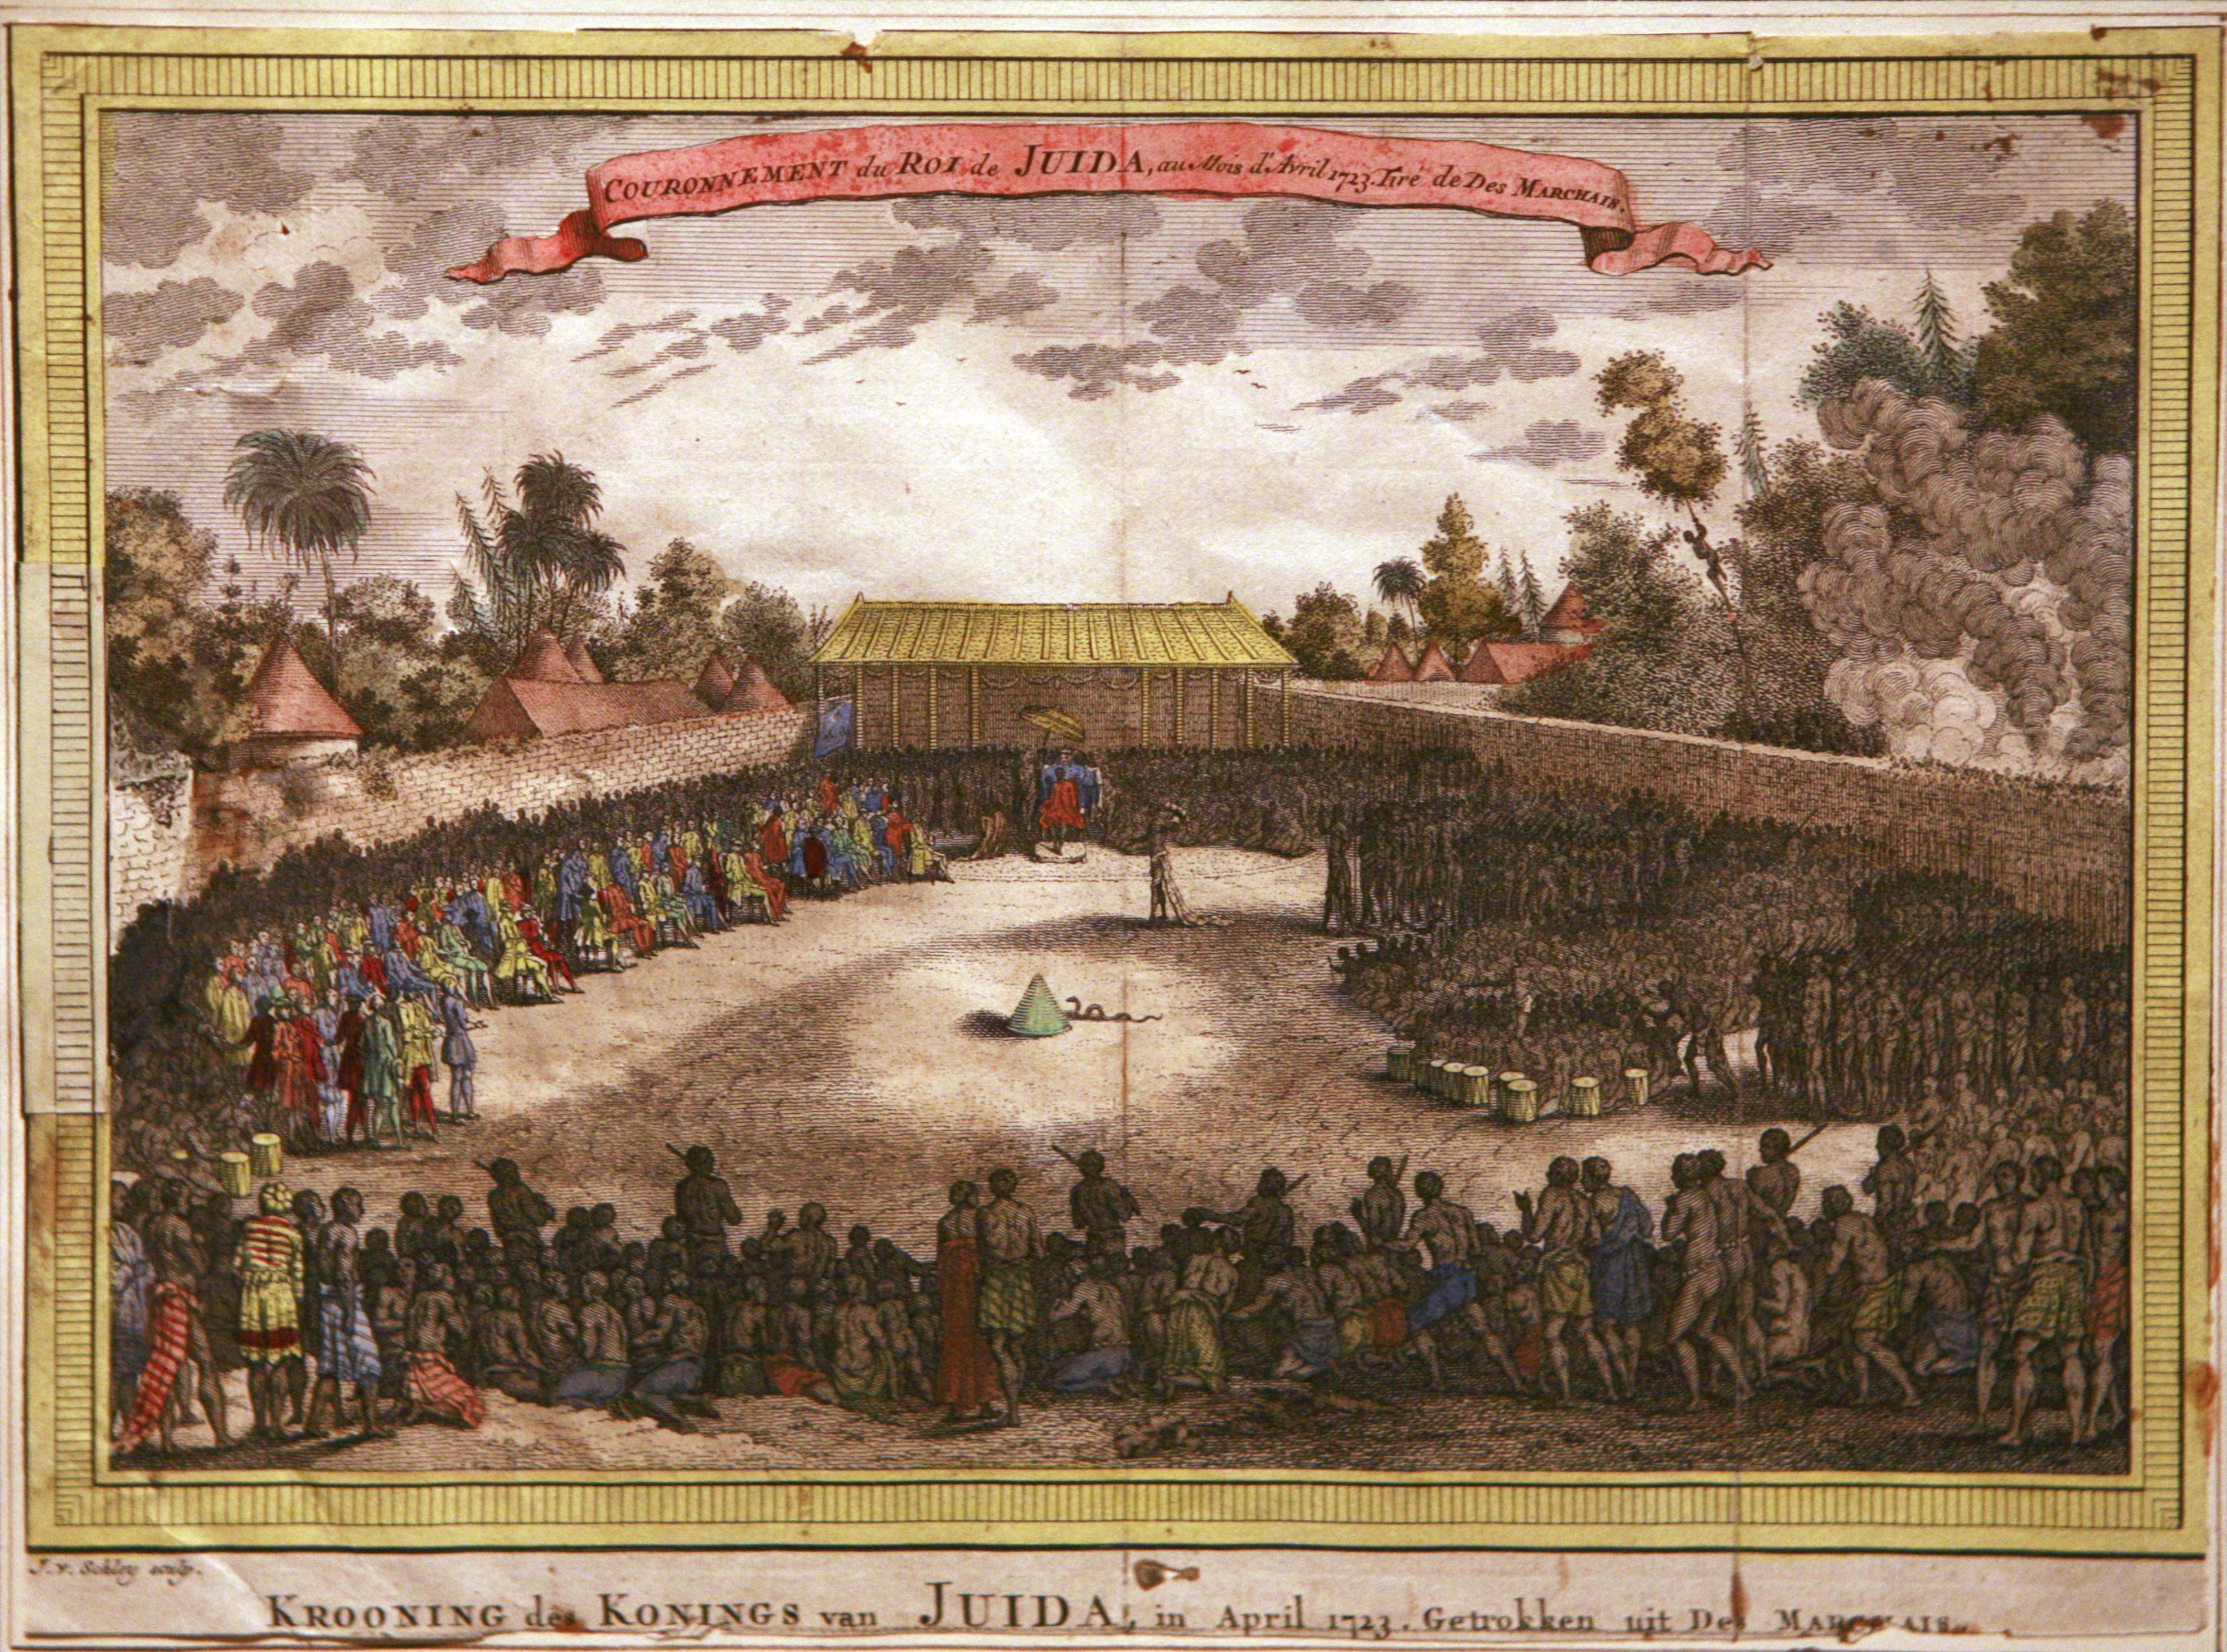 couronnement du roi de juida-jacob van der schley mg 8490.jpg